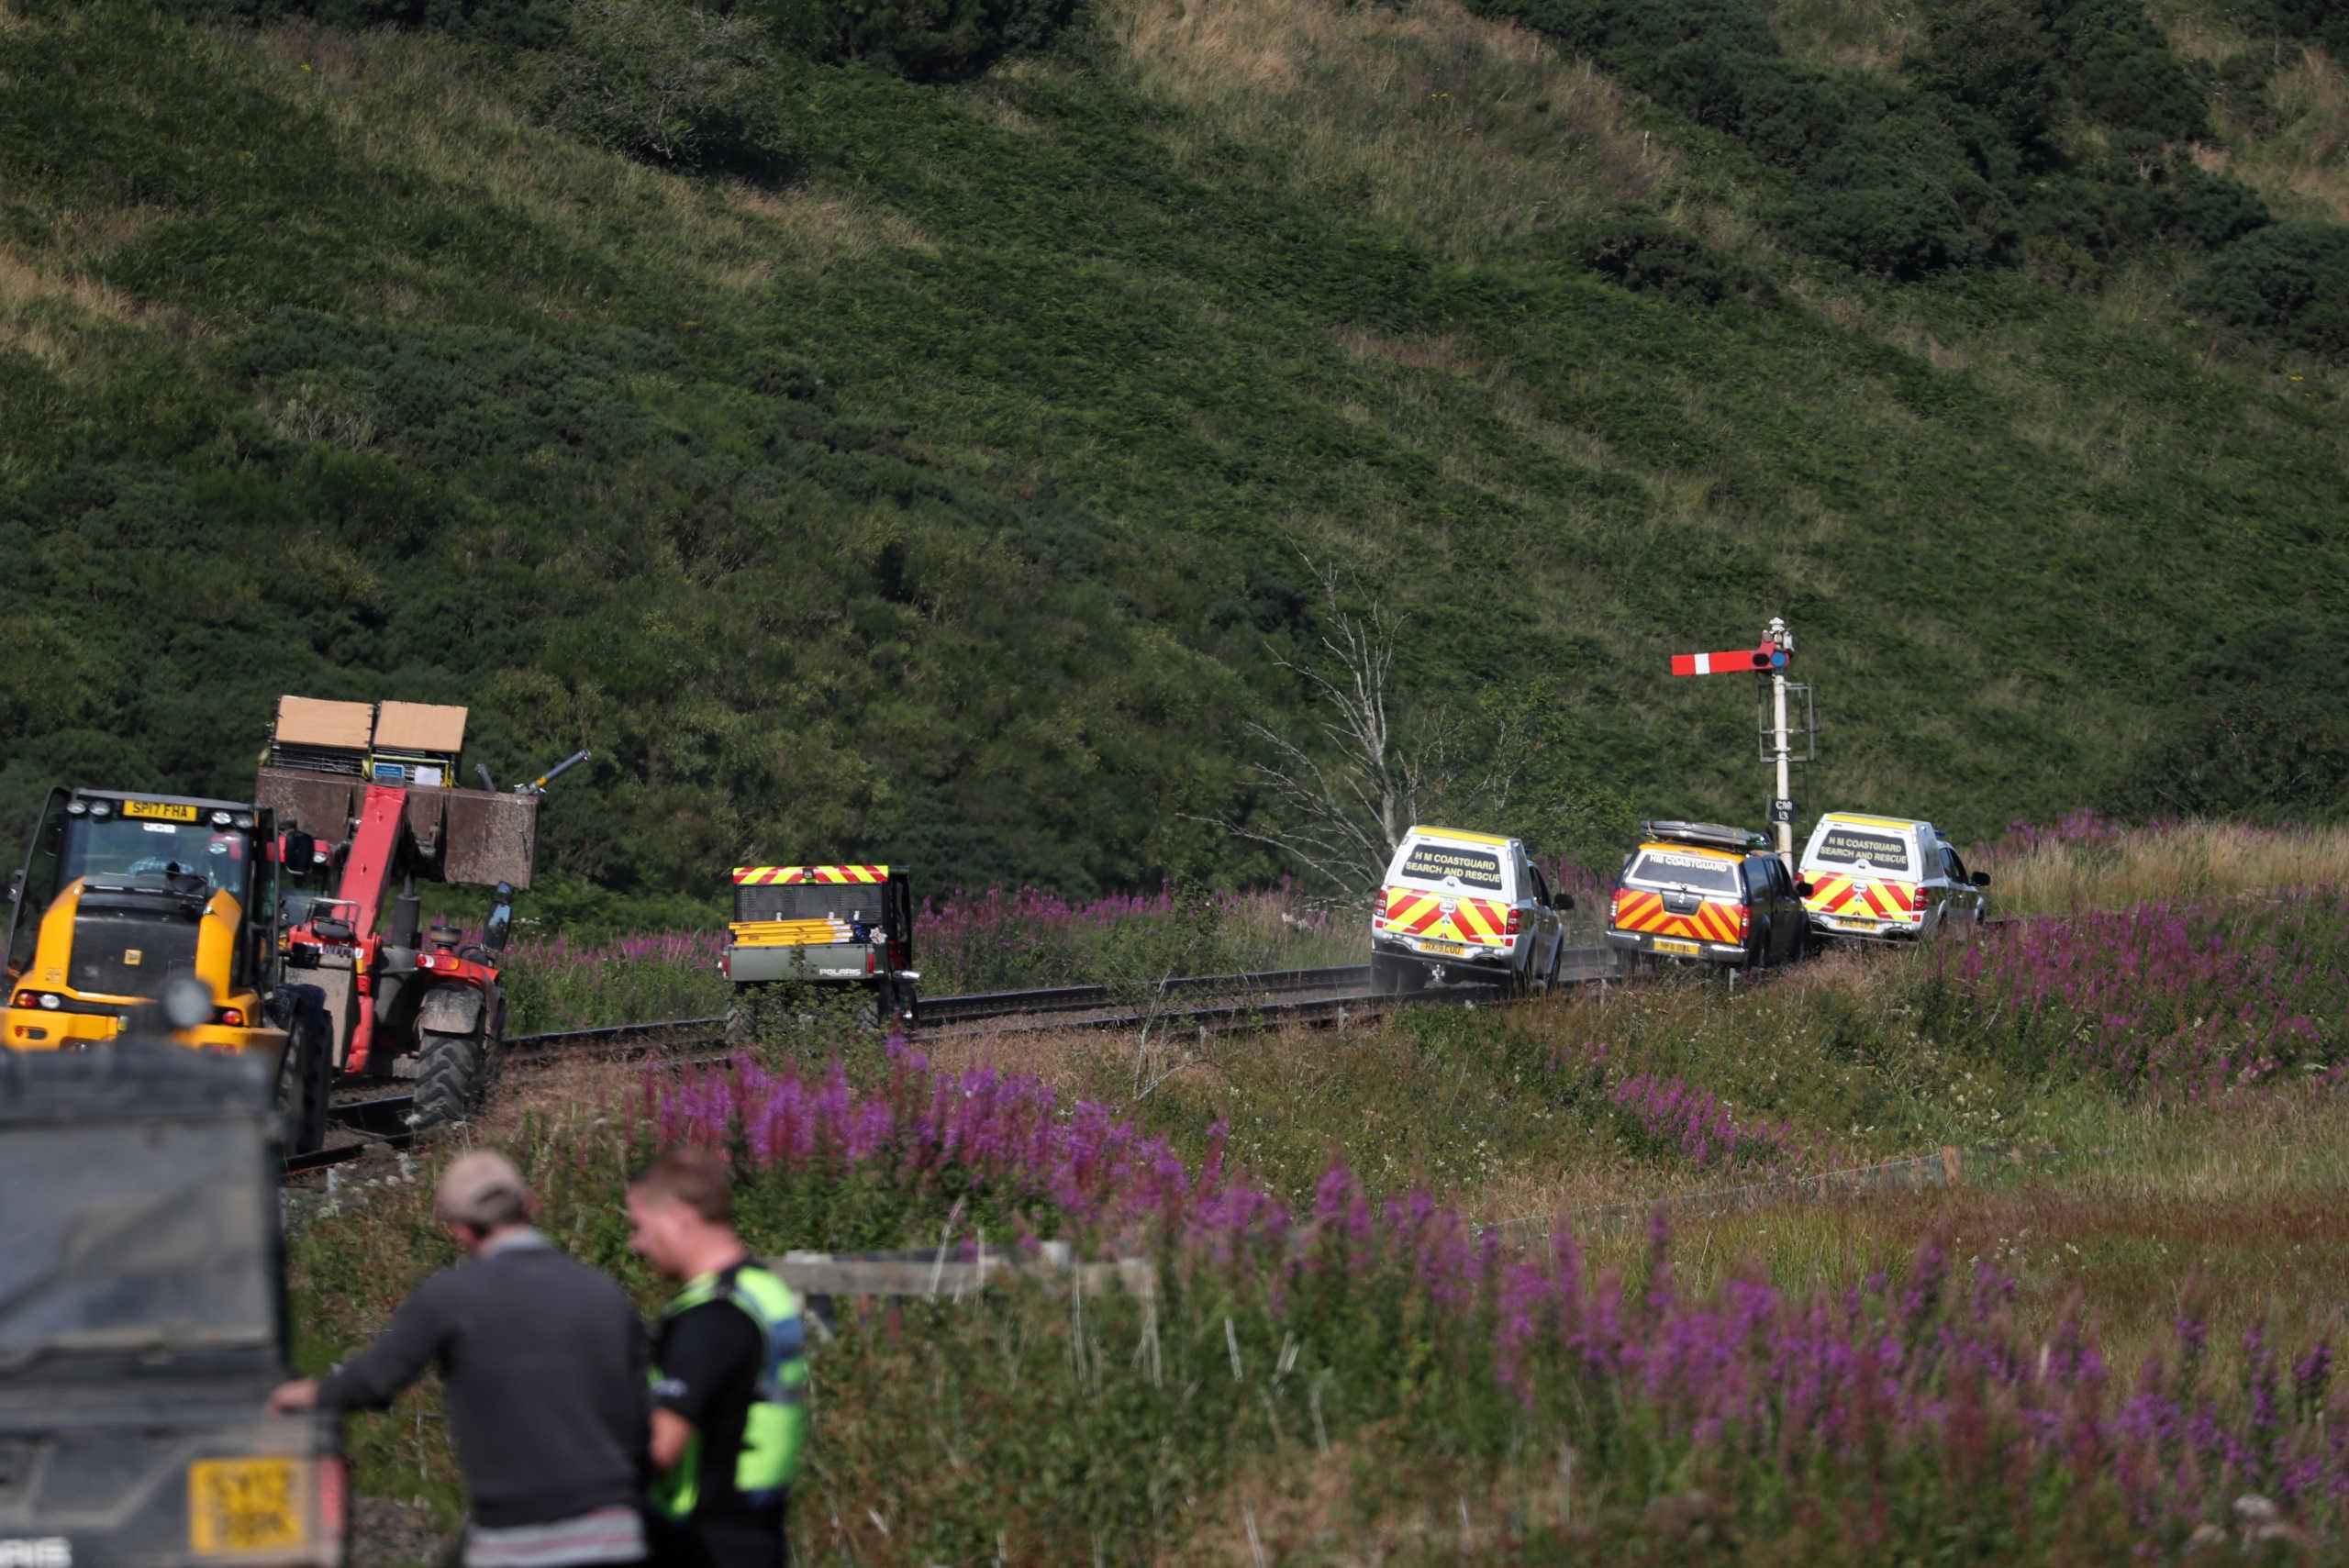 Σκωτία: 3 νεκροί και έξι τραυματίες από τον εκτροχιασμό τρένου